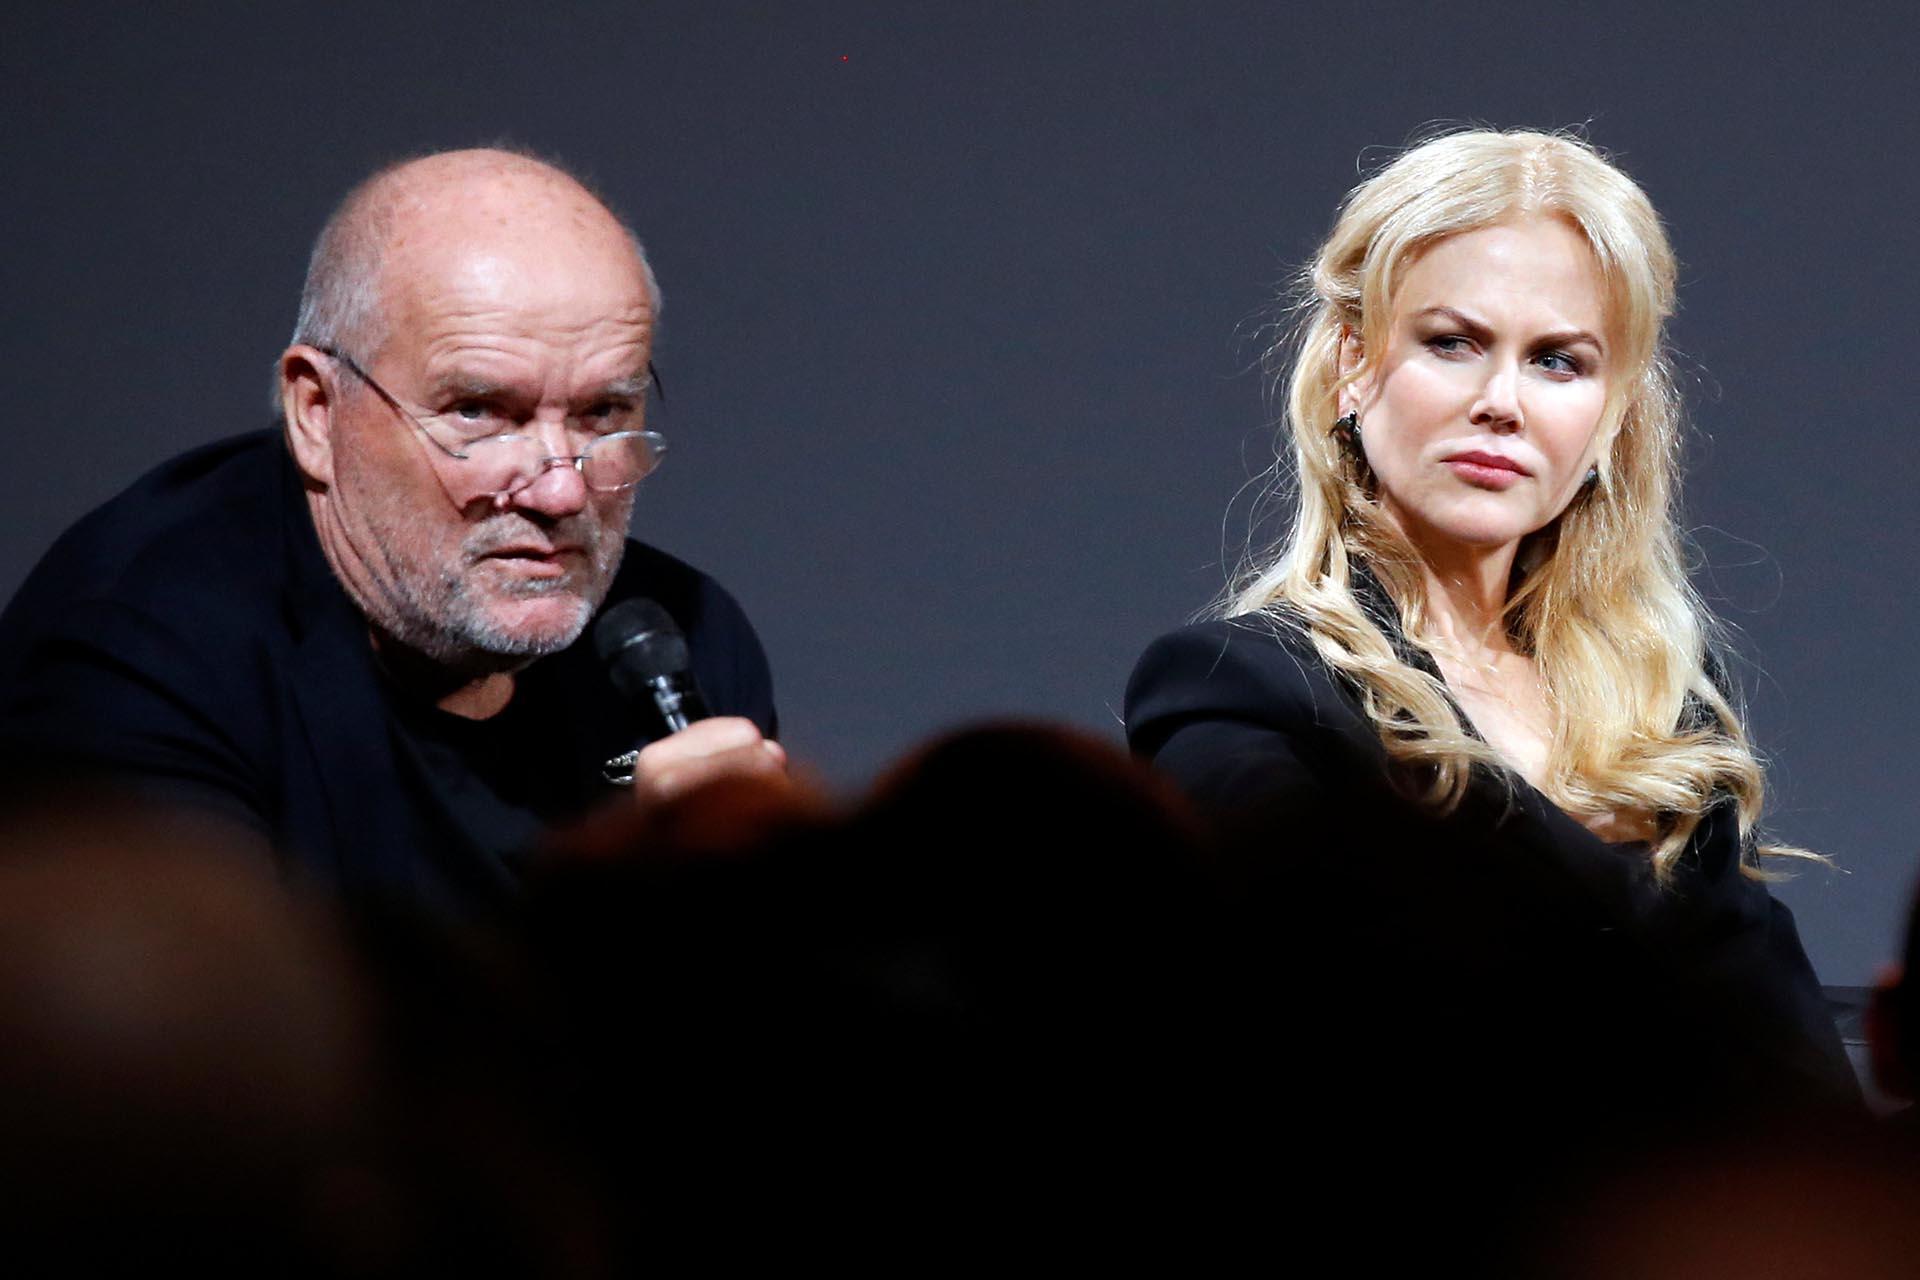 Nicole Kidman y Peter Lindbergh, el reconocido fotógrafo que este año estuvo a cargo del calendario Pirelli, durante una conferencia de prensa